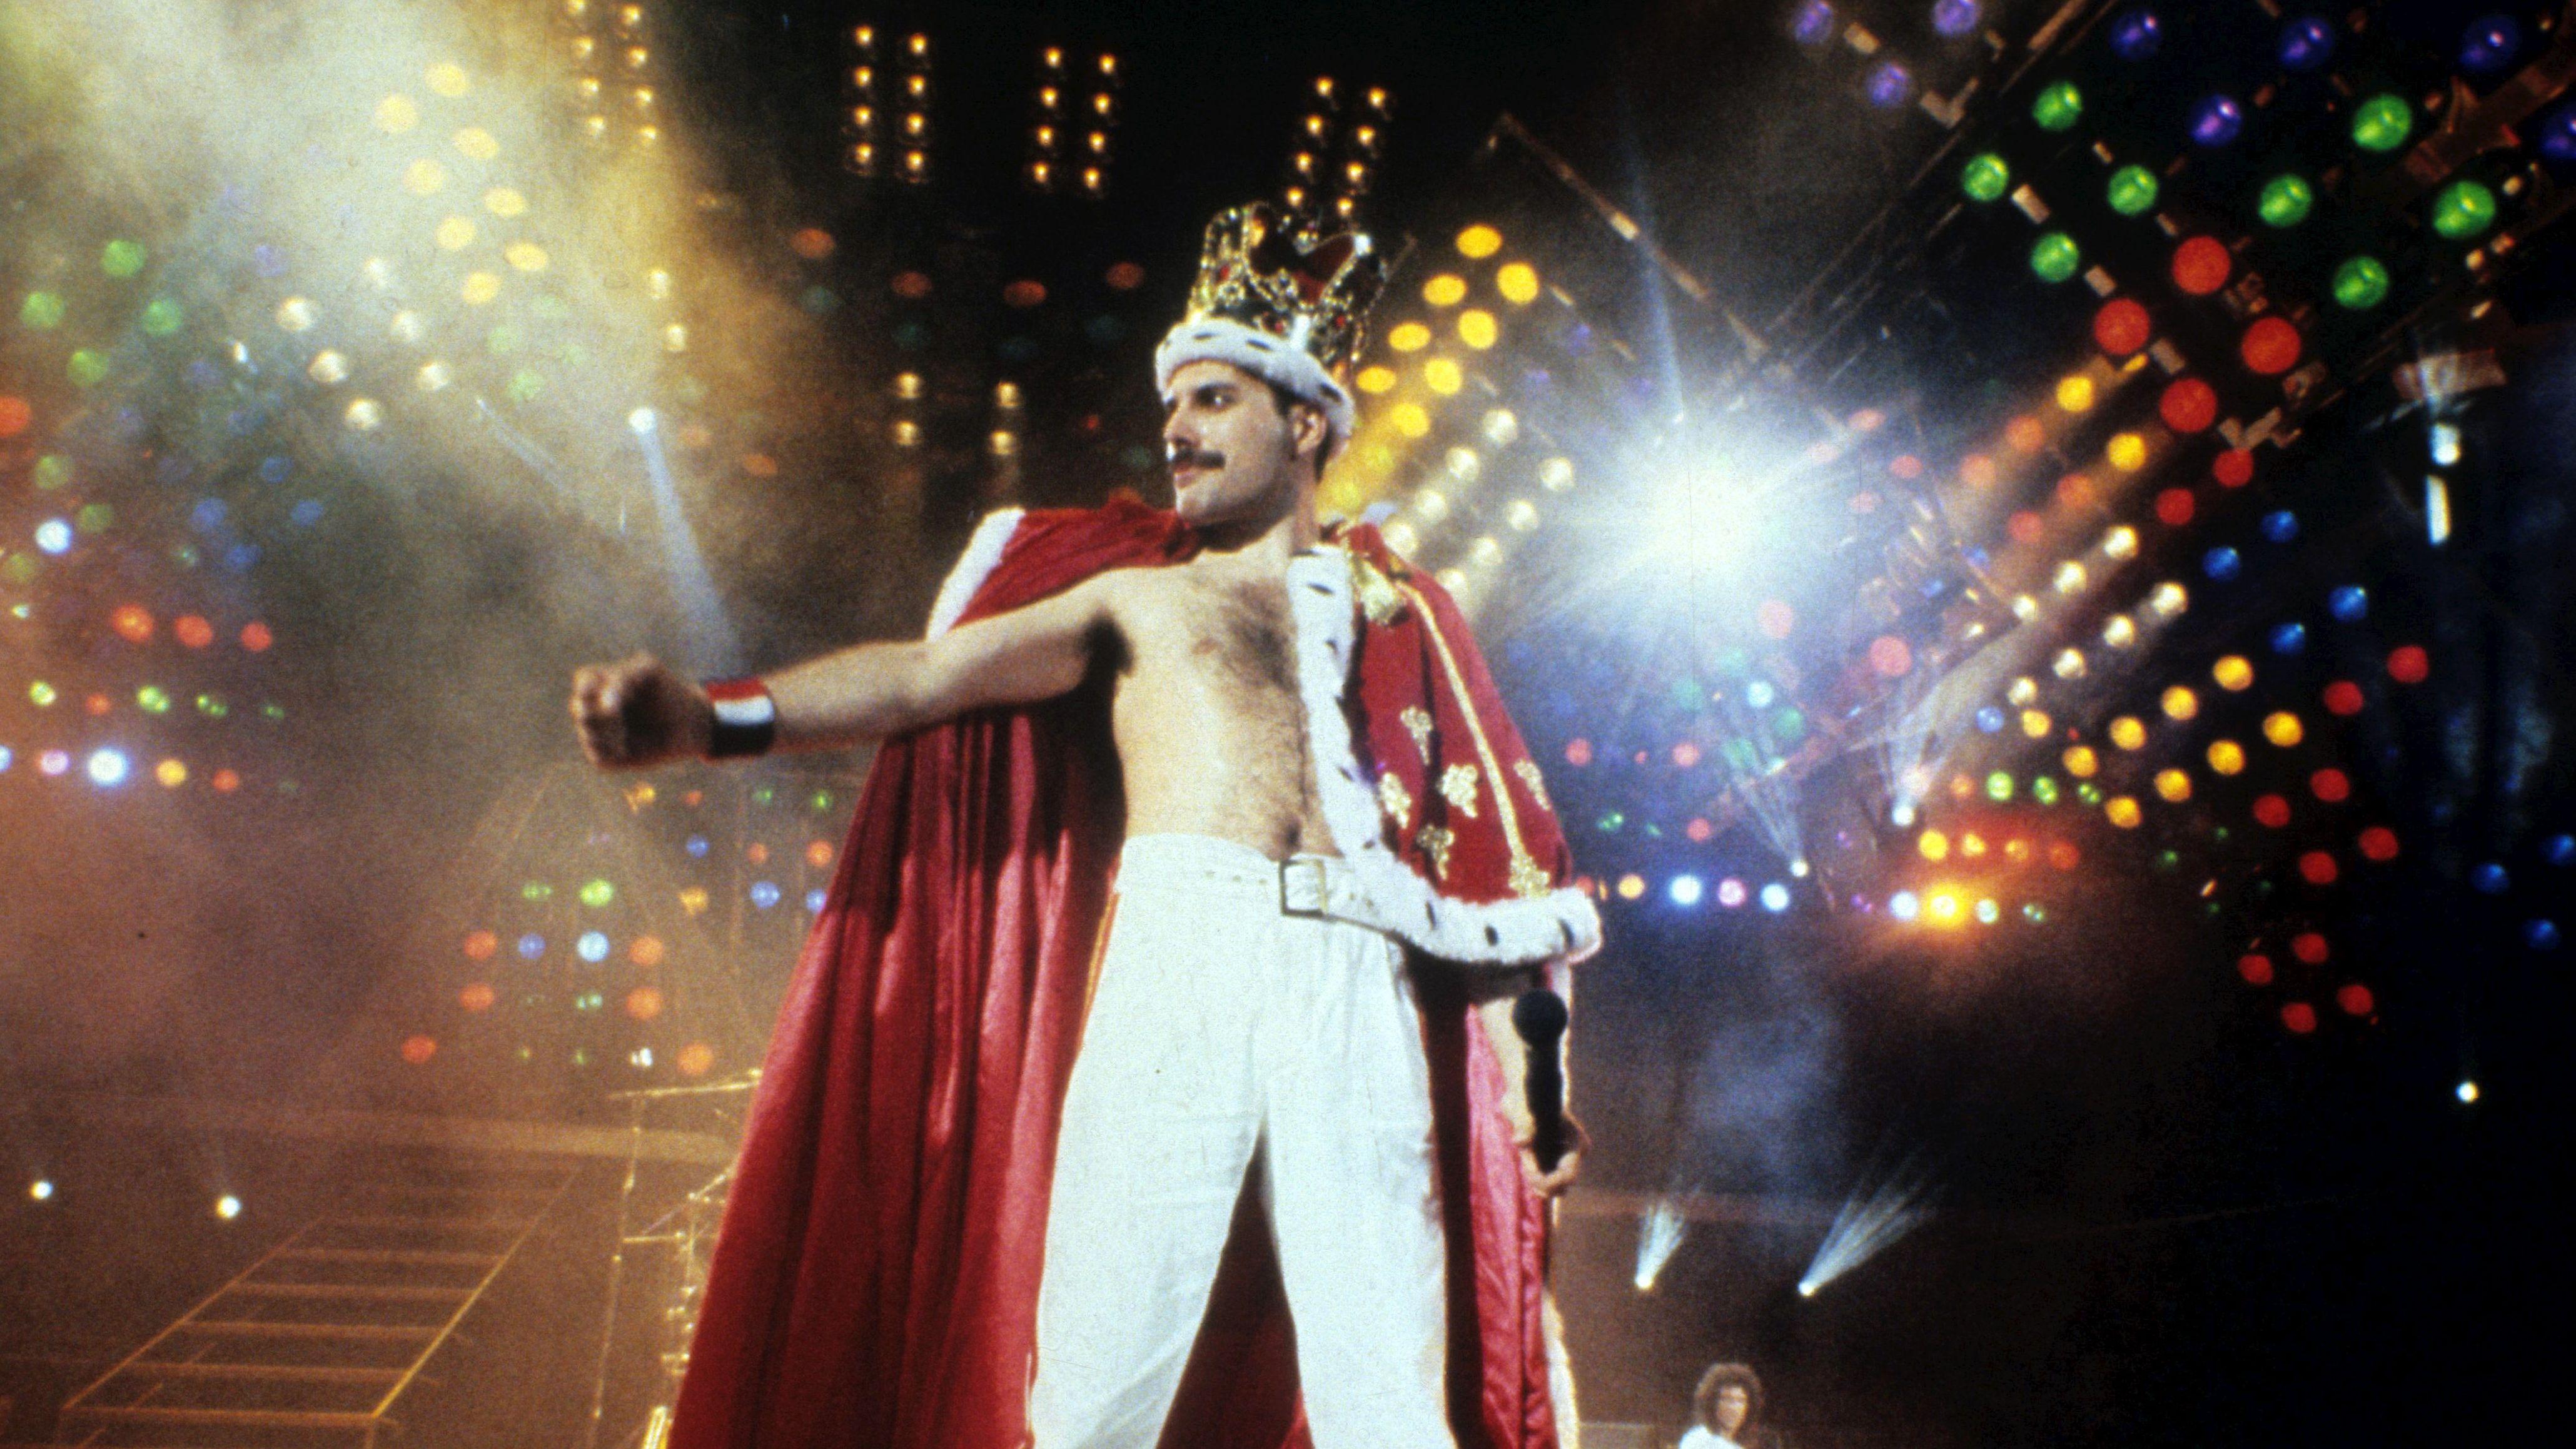 Freddie Mercury auf der Bühne, trägt eine Krone, einen roten Mantel und eine weiße Hose.